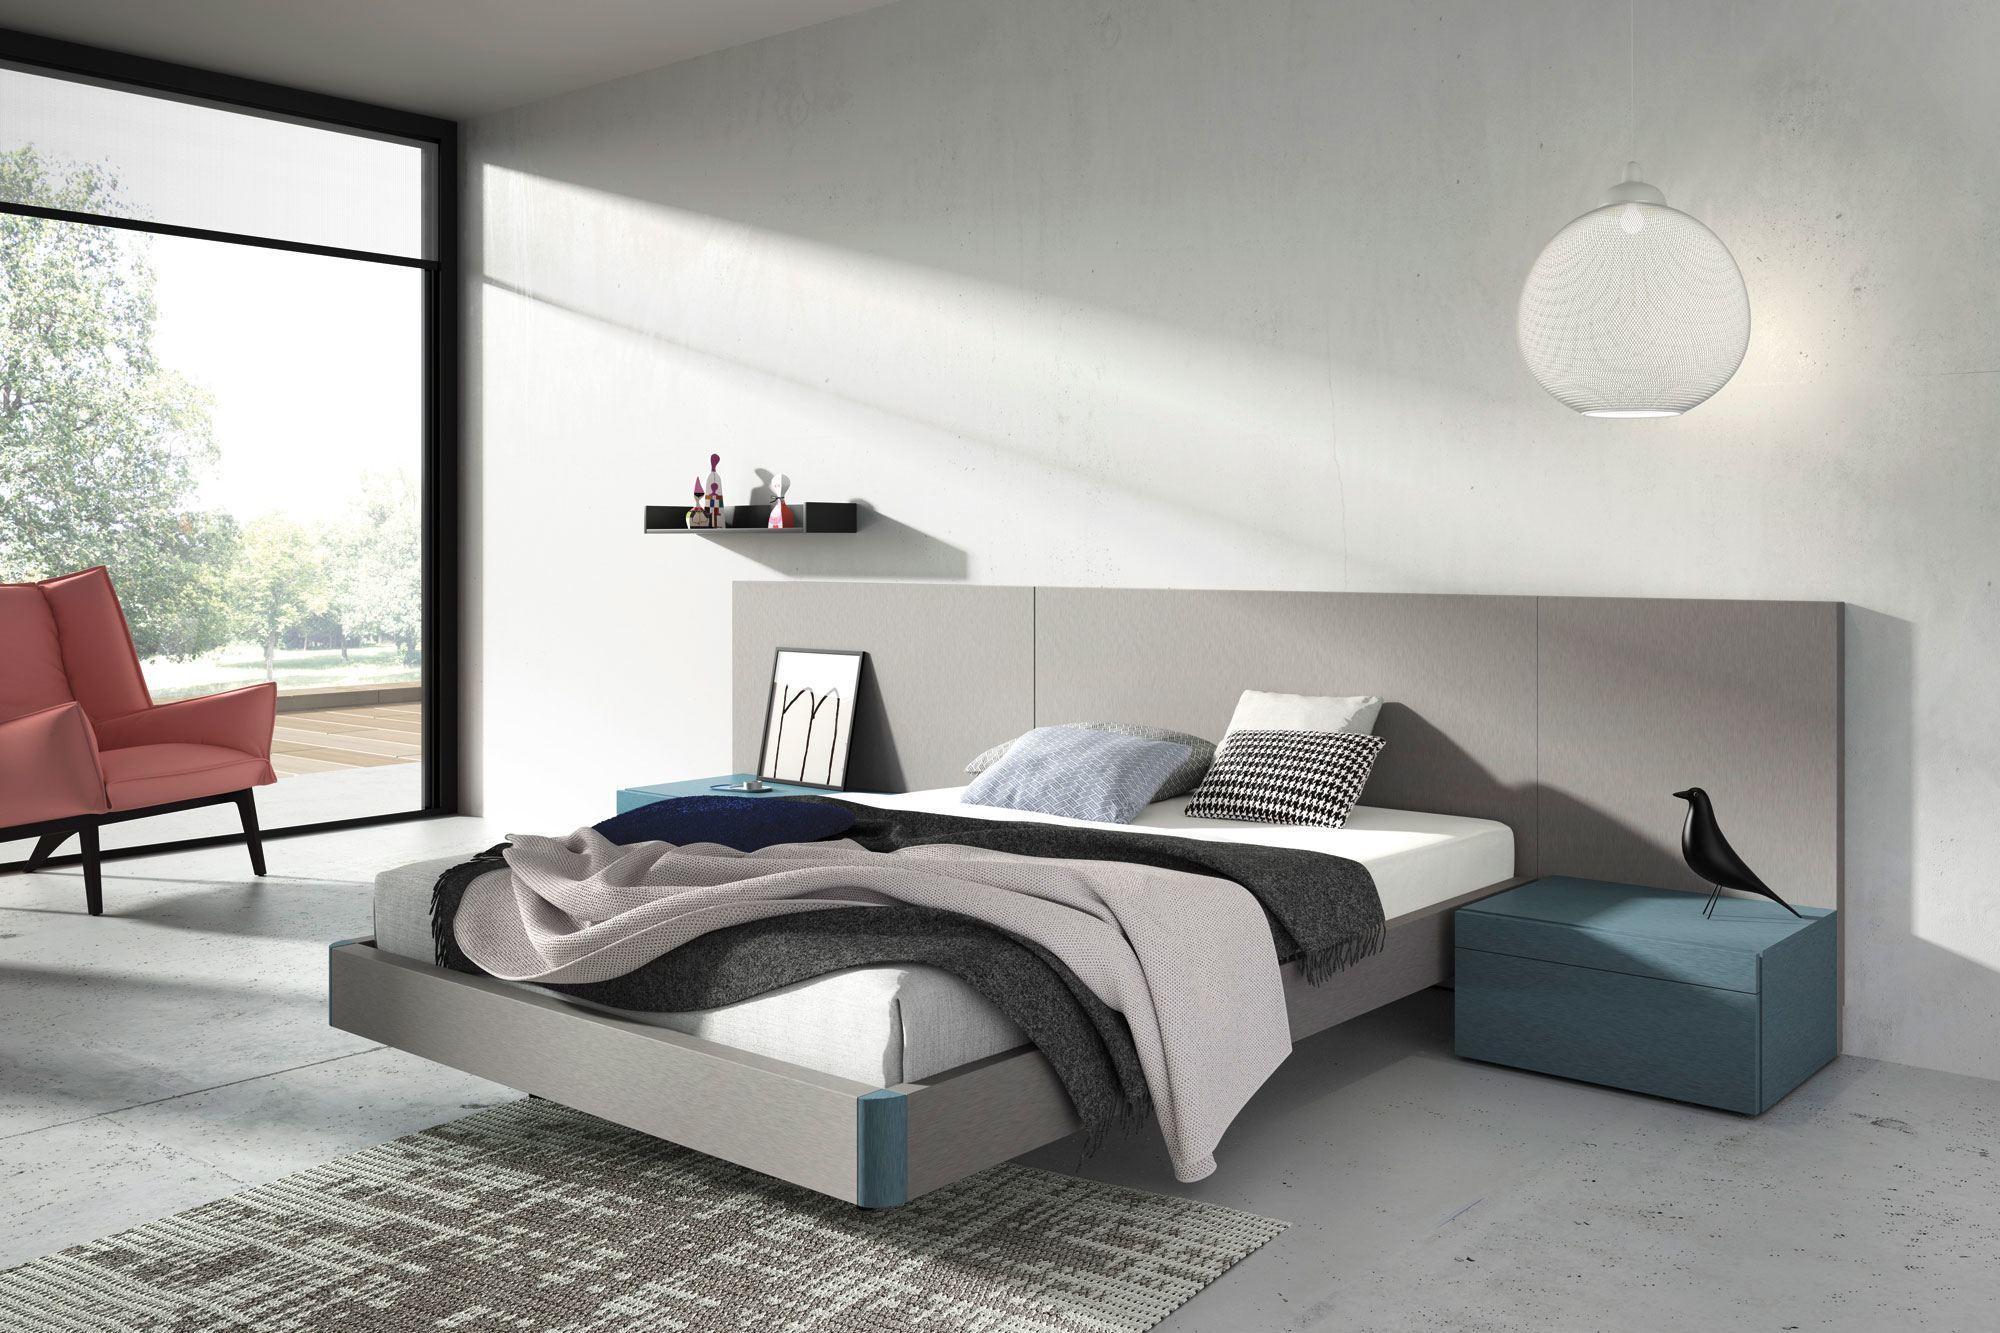 dormitorio-moderno-1066-d7-casanova